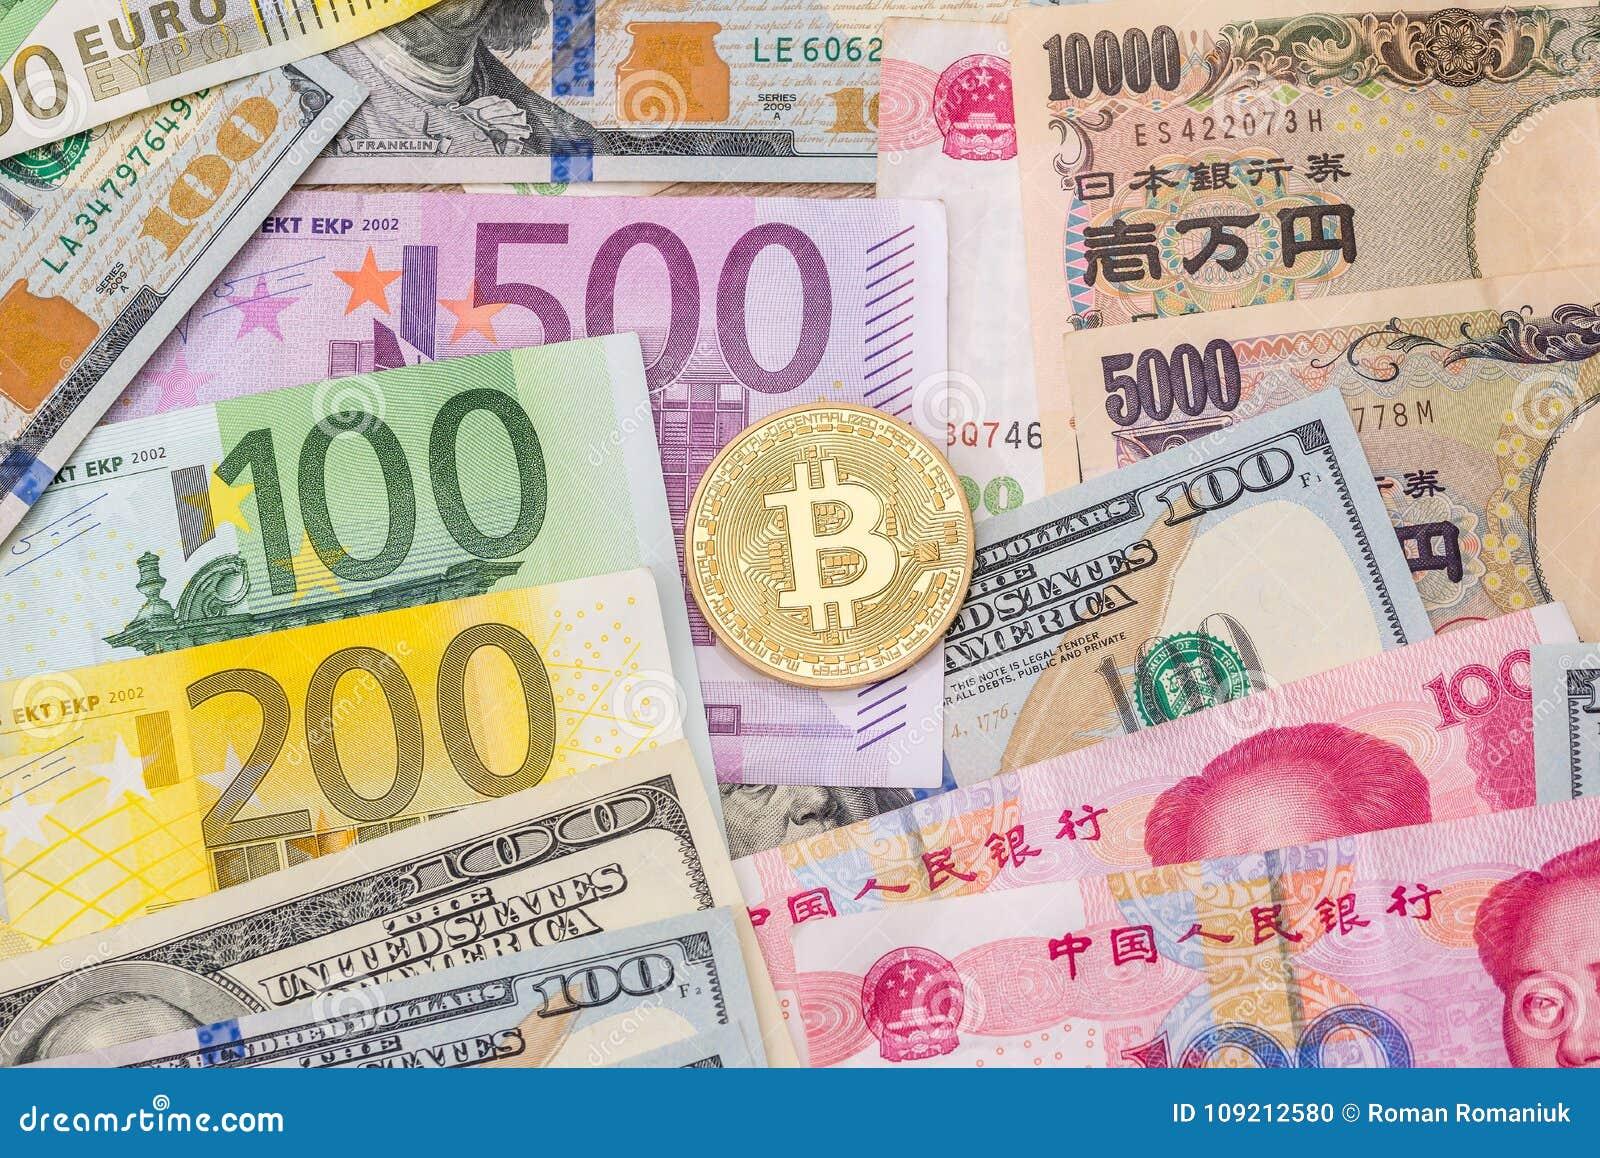 5000 bitcoin to euro